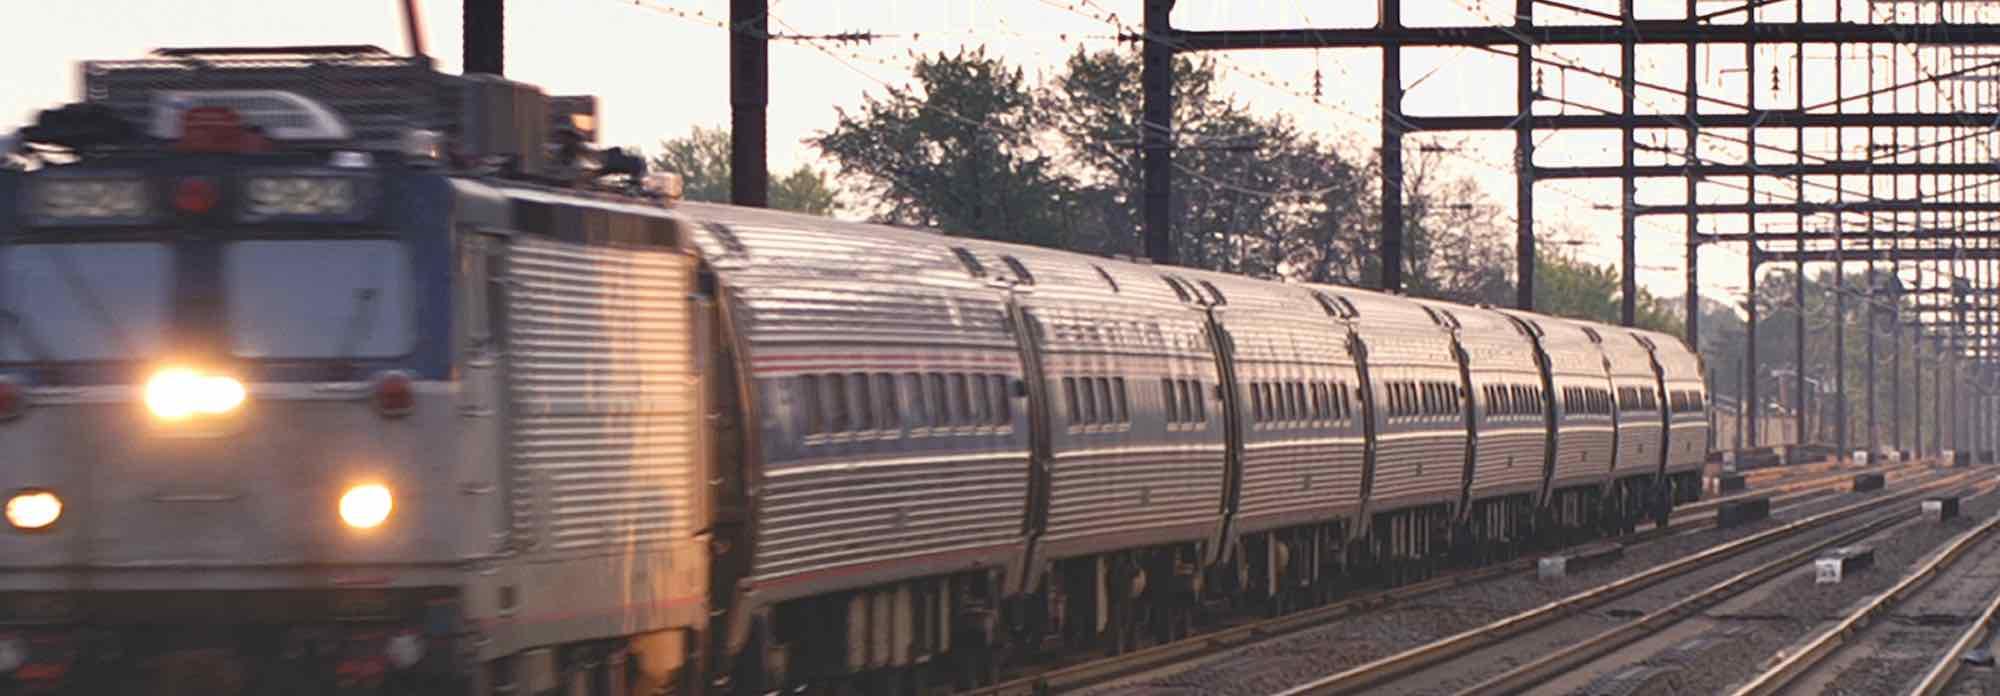 Passenger train at dusk.